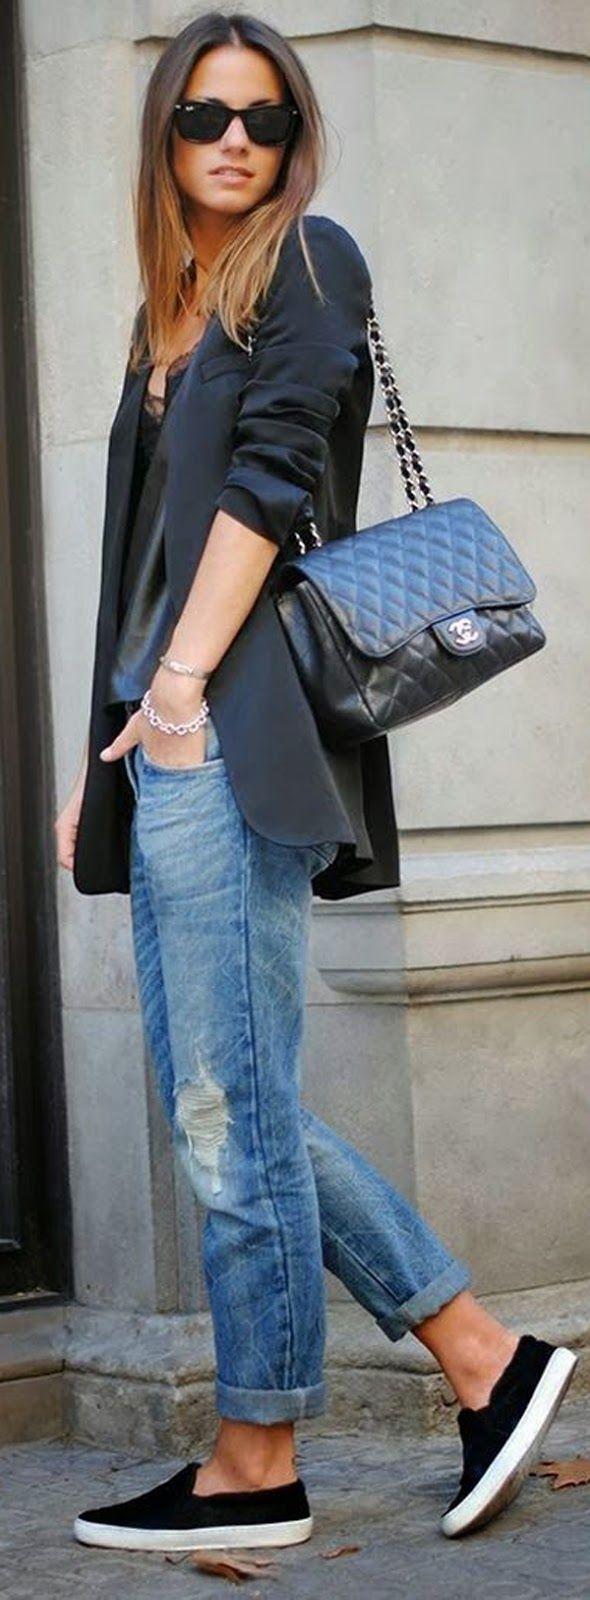 Boyfriend jeans, navy blazer, and Chanel purse <3